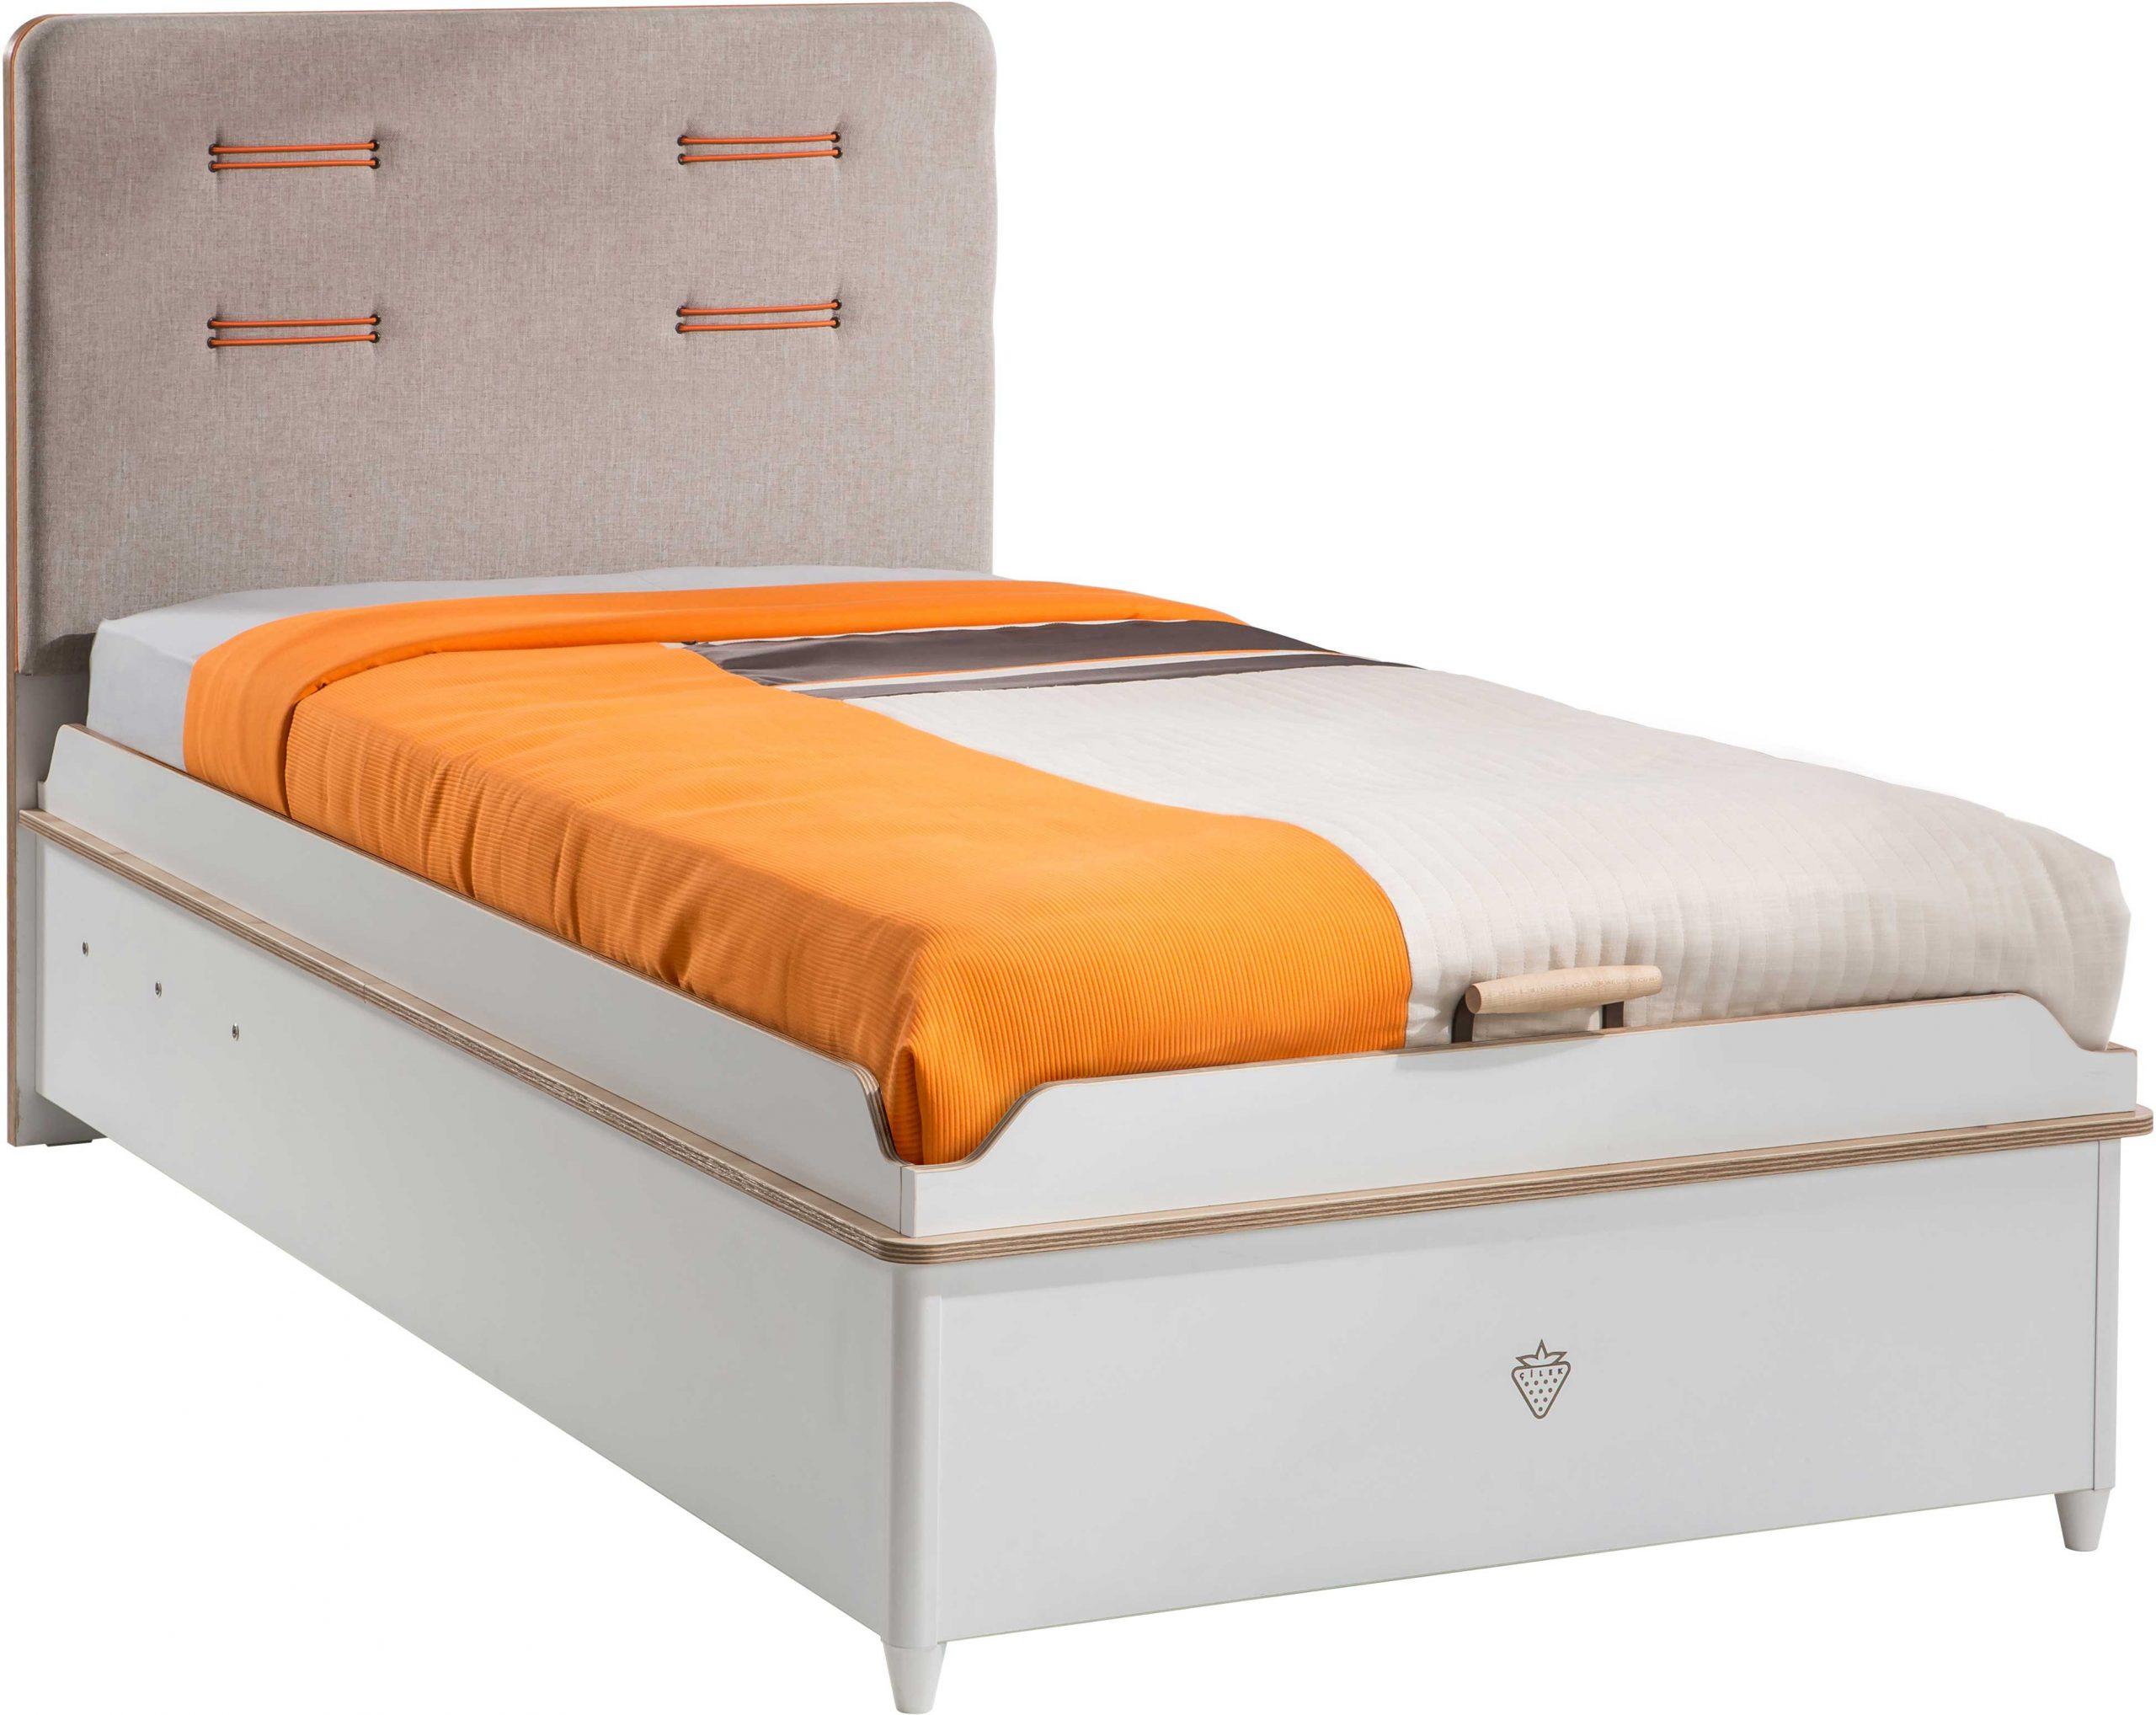 Full Size of Bett Aus Paletten Kaufen Mit Bettkasten Cilek Dynamic 100x200cm Kindermbel 120 Cm Einfaches 160x200 Lattenrost Landhausstil Schlafzimmer Esstische Ausziehbar Bett Bett Aus Paletten Kaufen